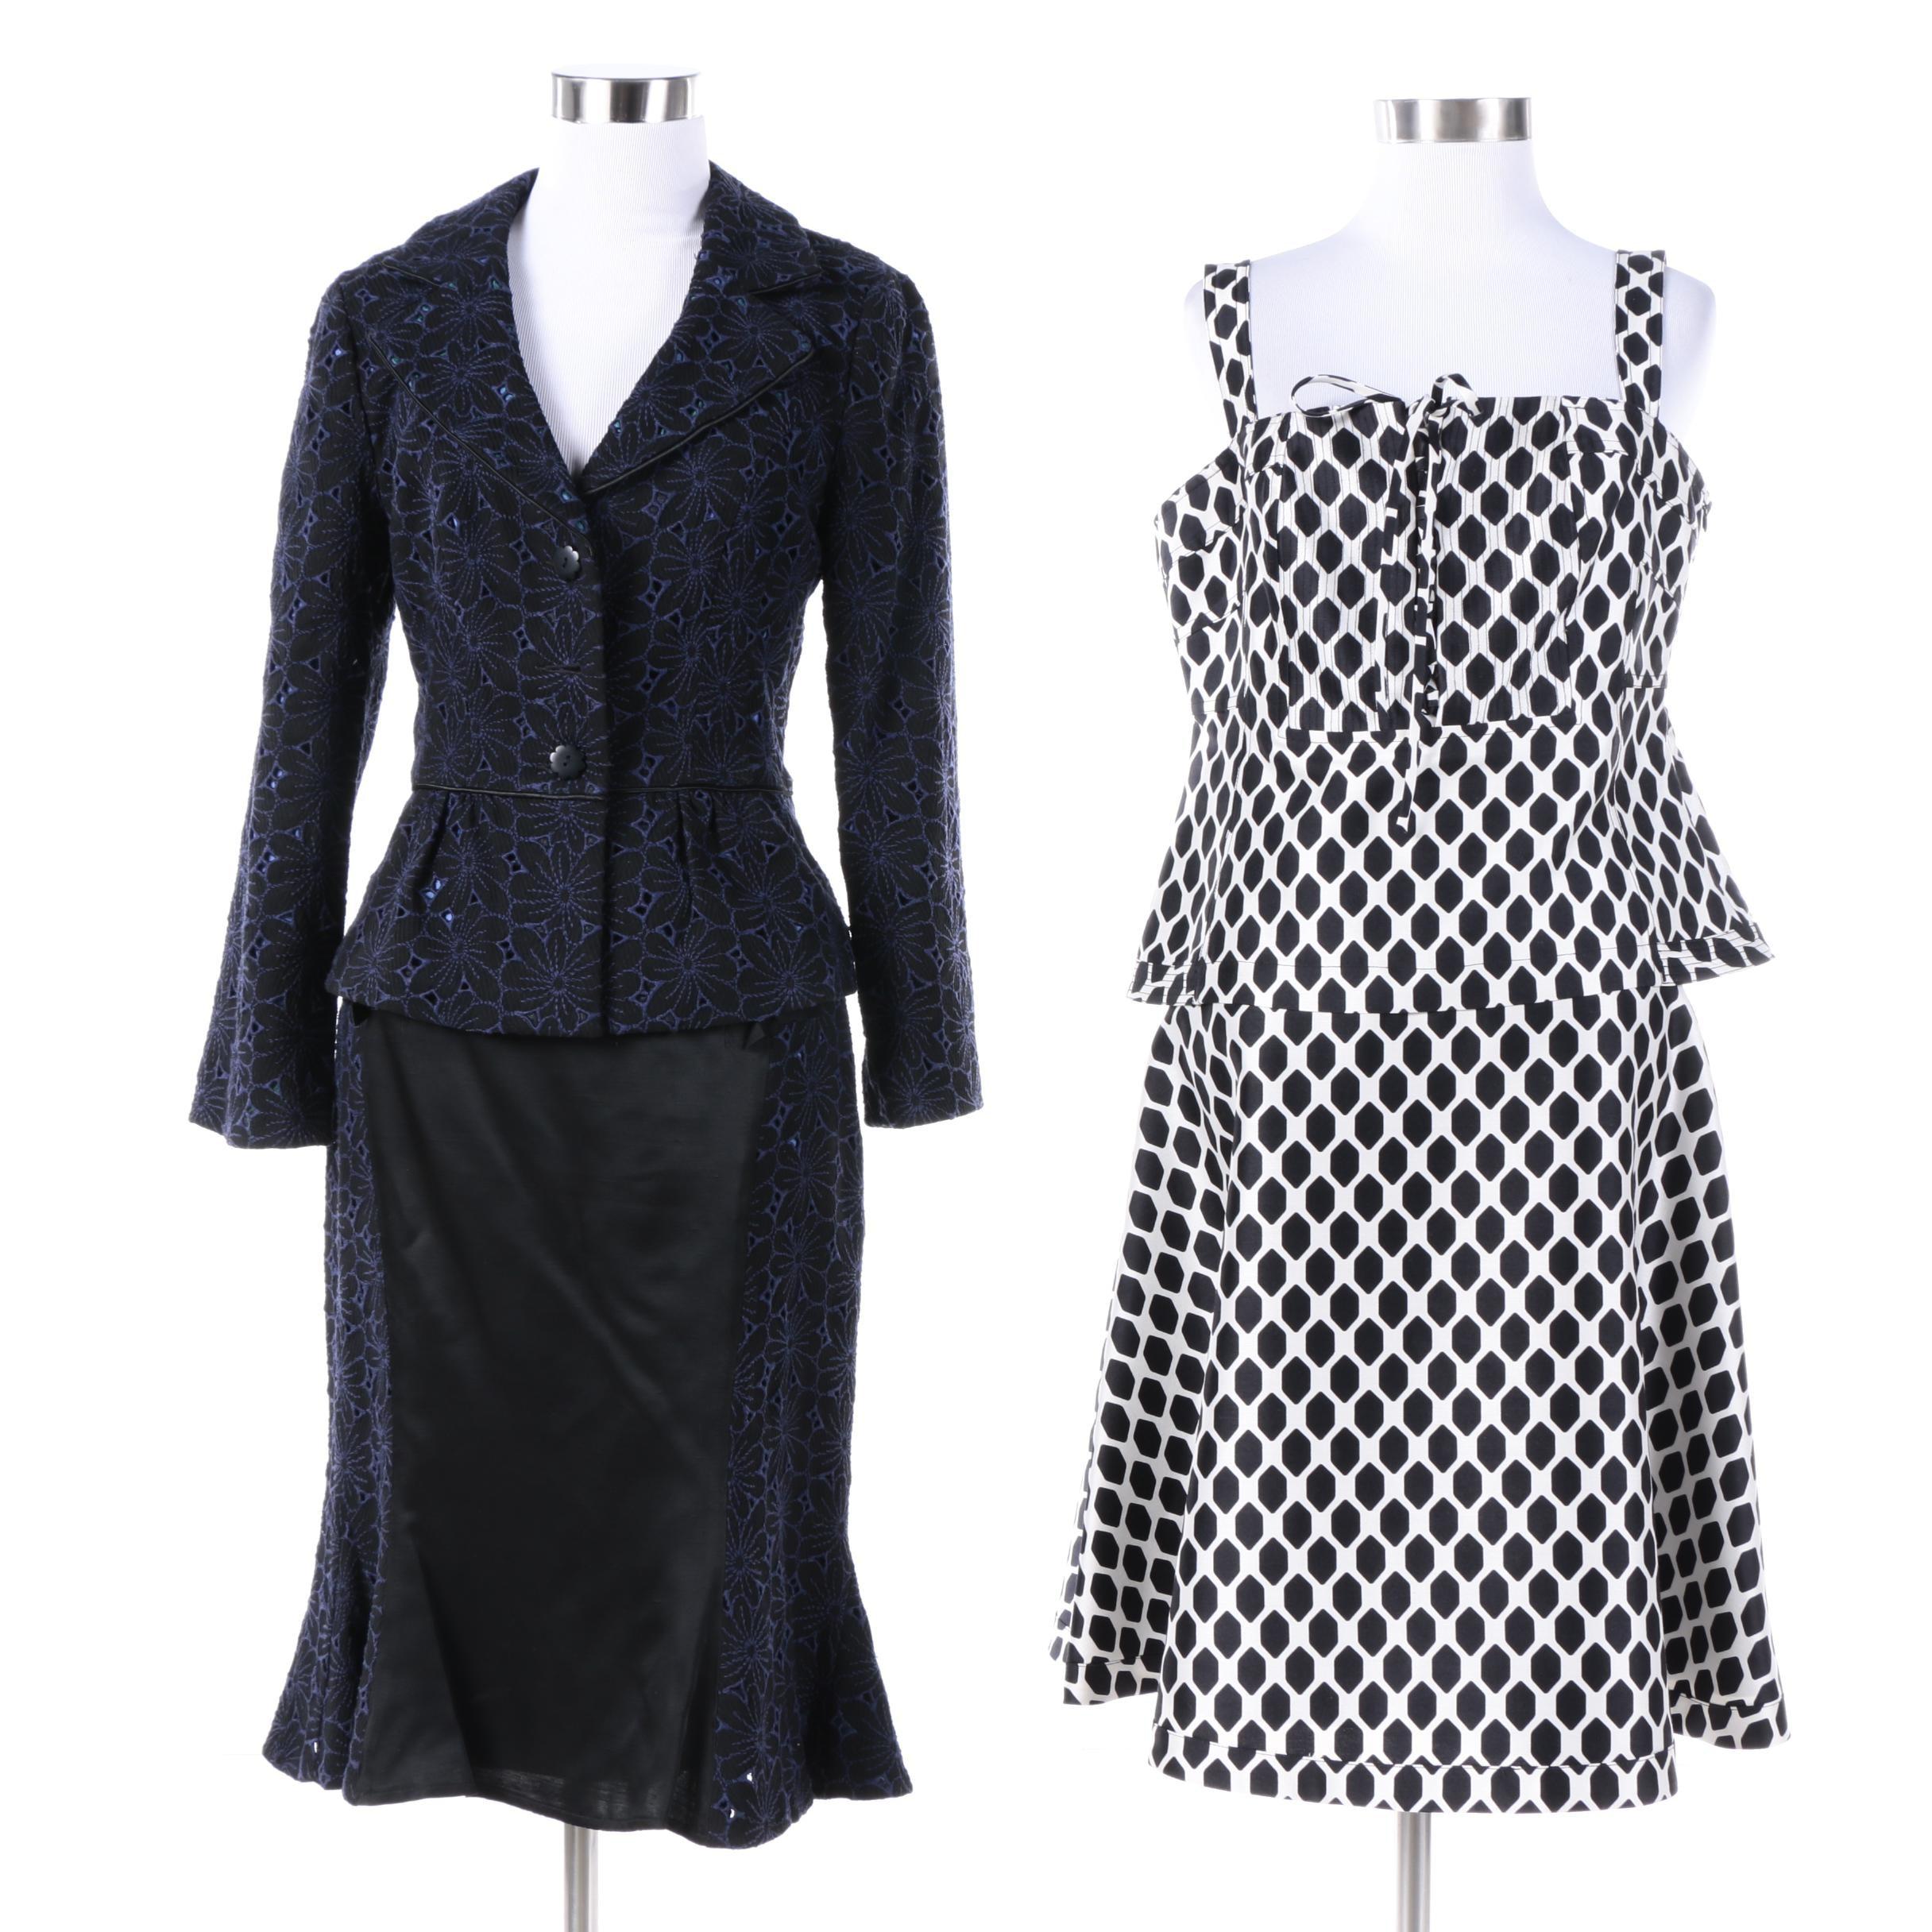 Nanette Lepore Skirt Suit and Diane von Furstenberg Skirt Set